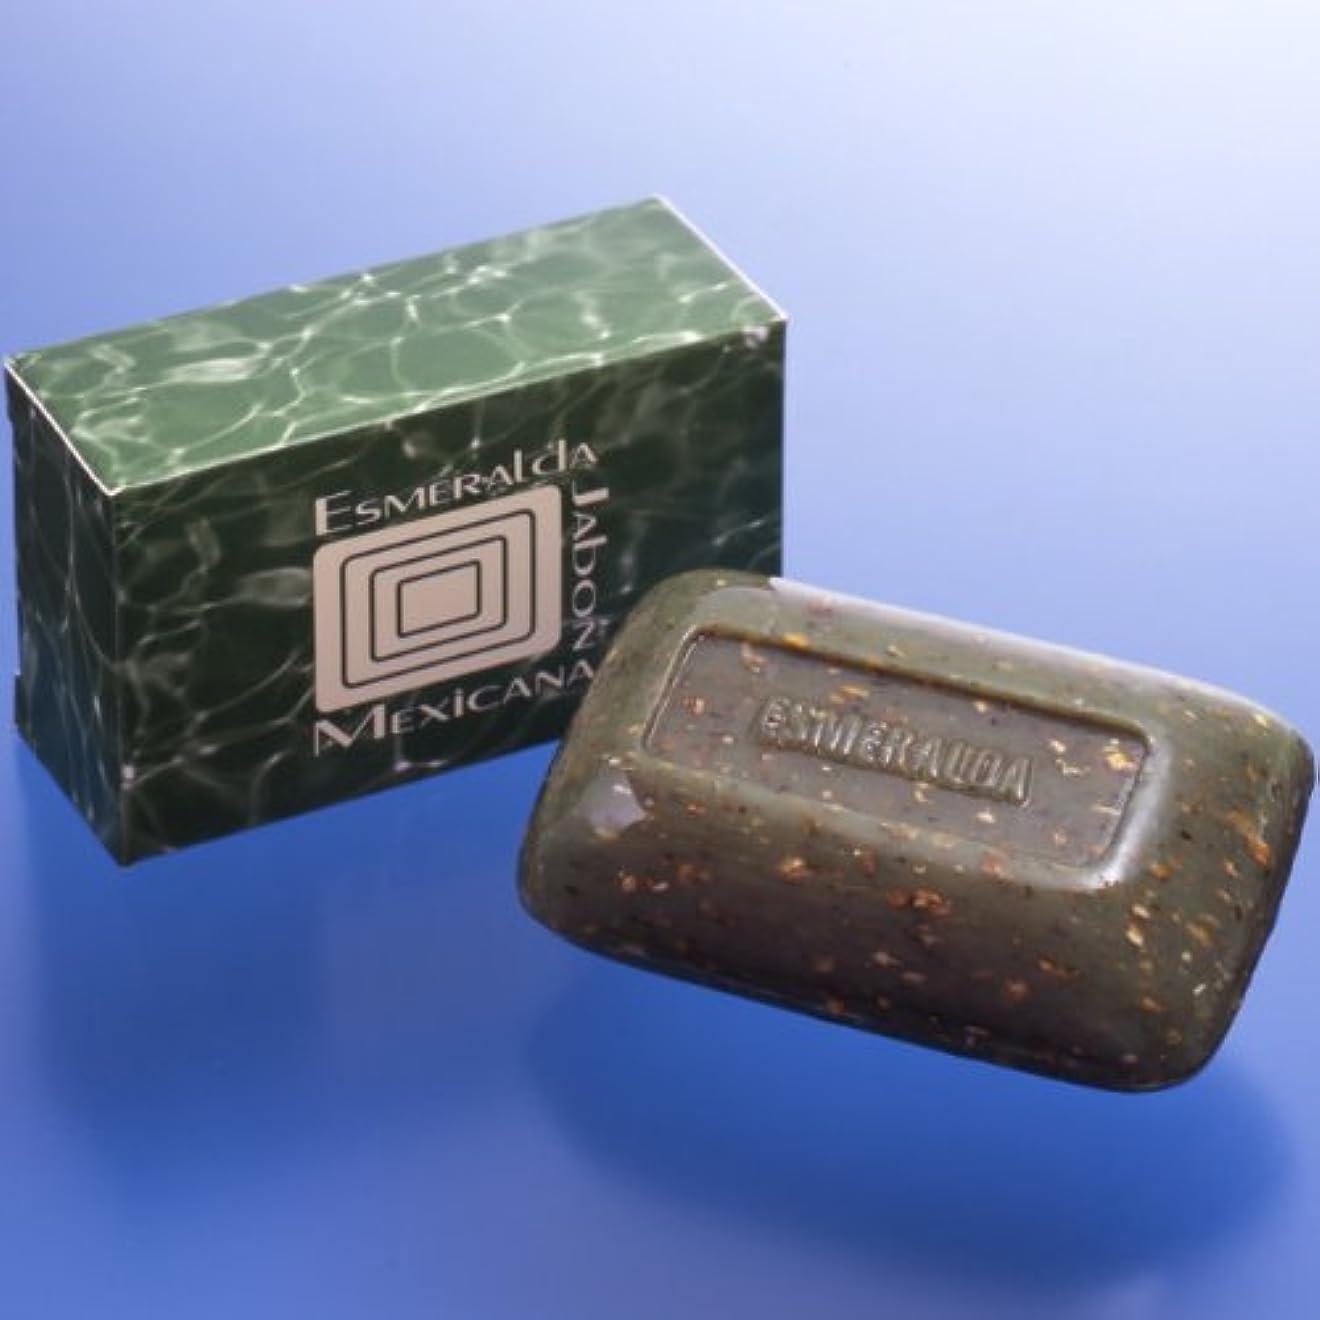 一瞬身元タクトメキシコで大人気のシミ取り石鹸『エスメラルダ?ハボン?メキシカーナ』